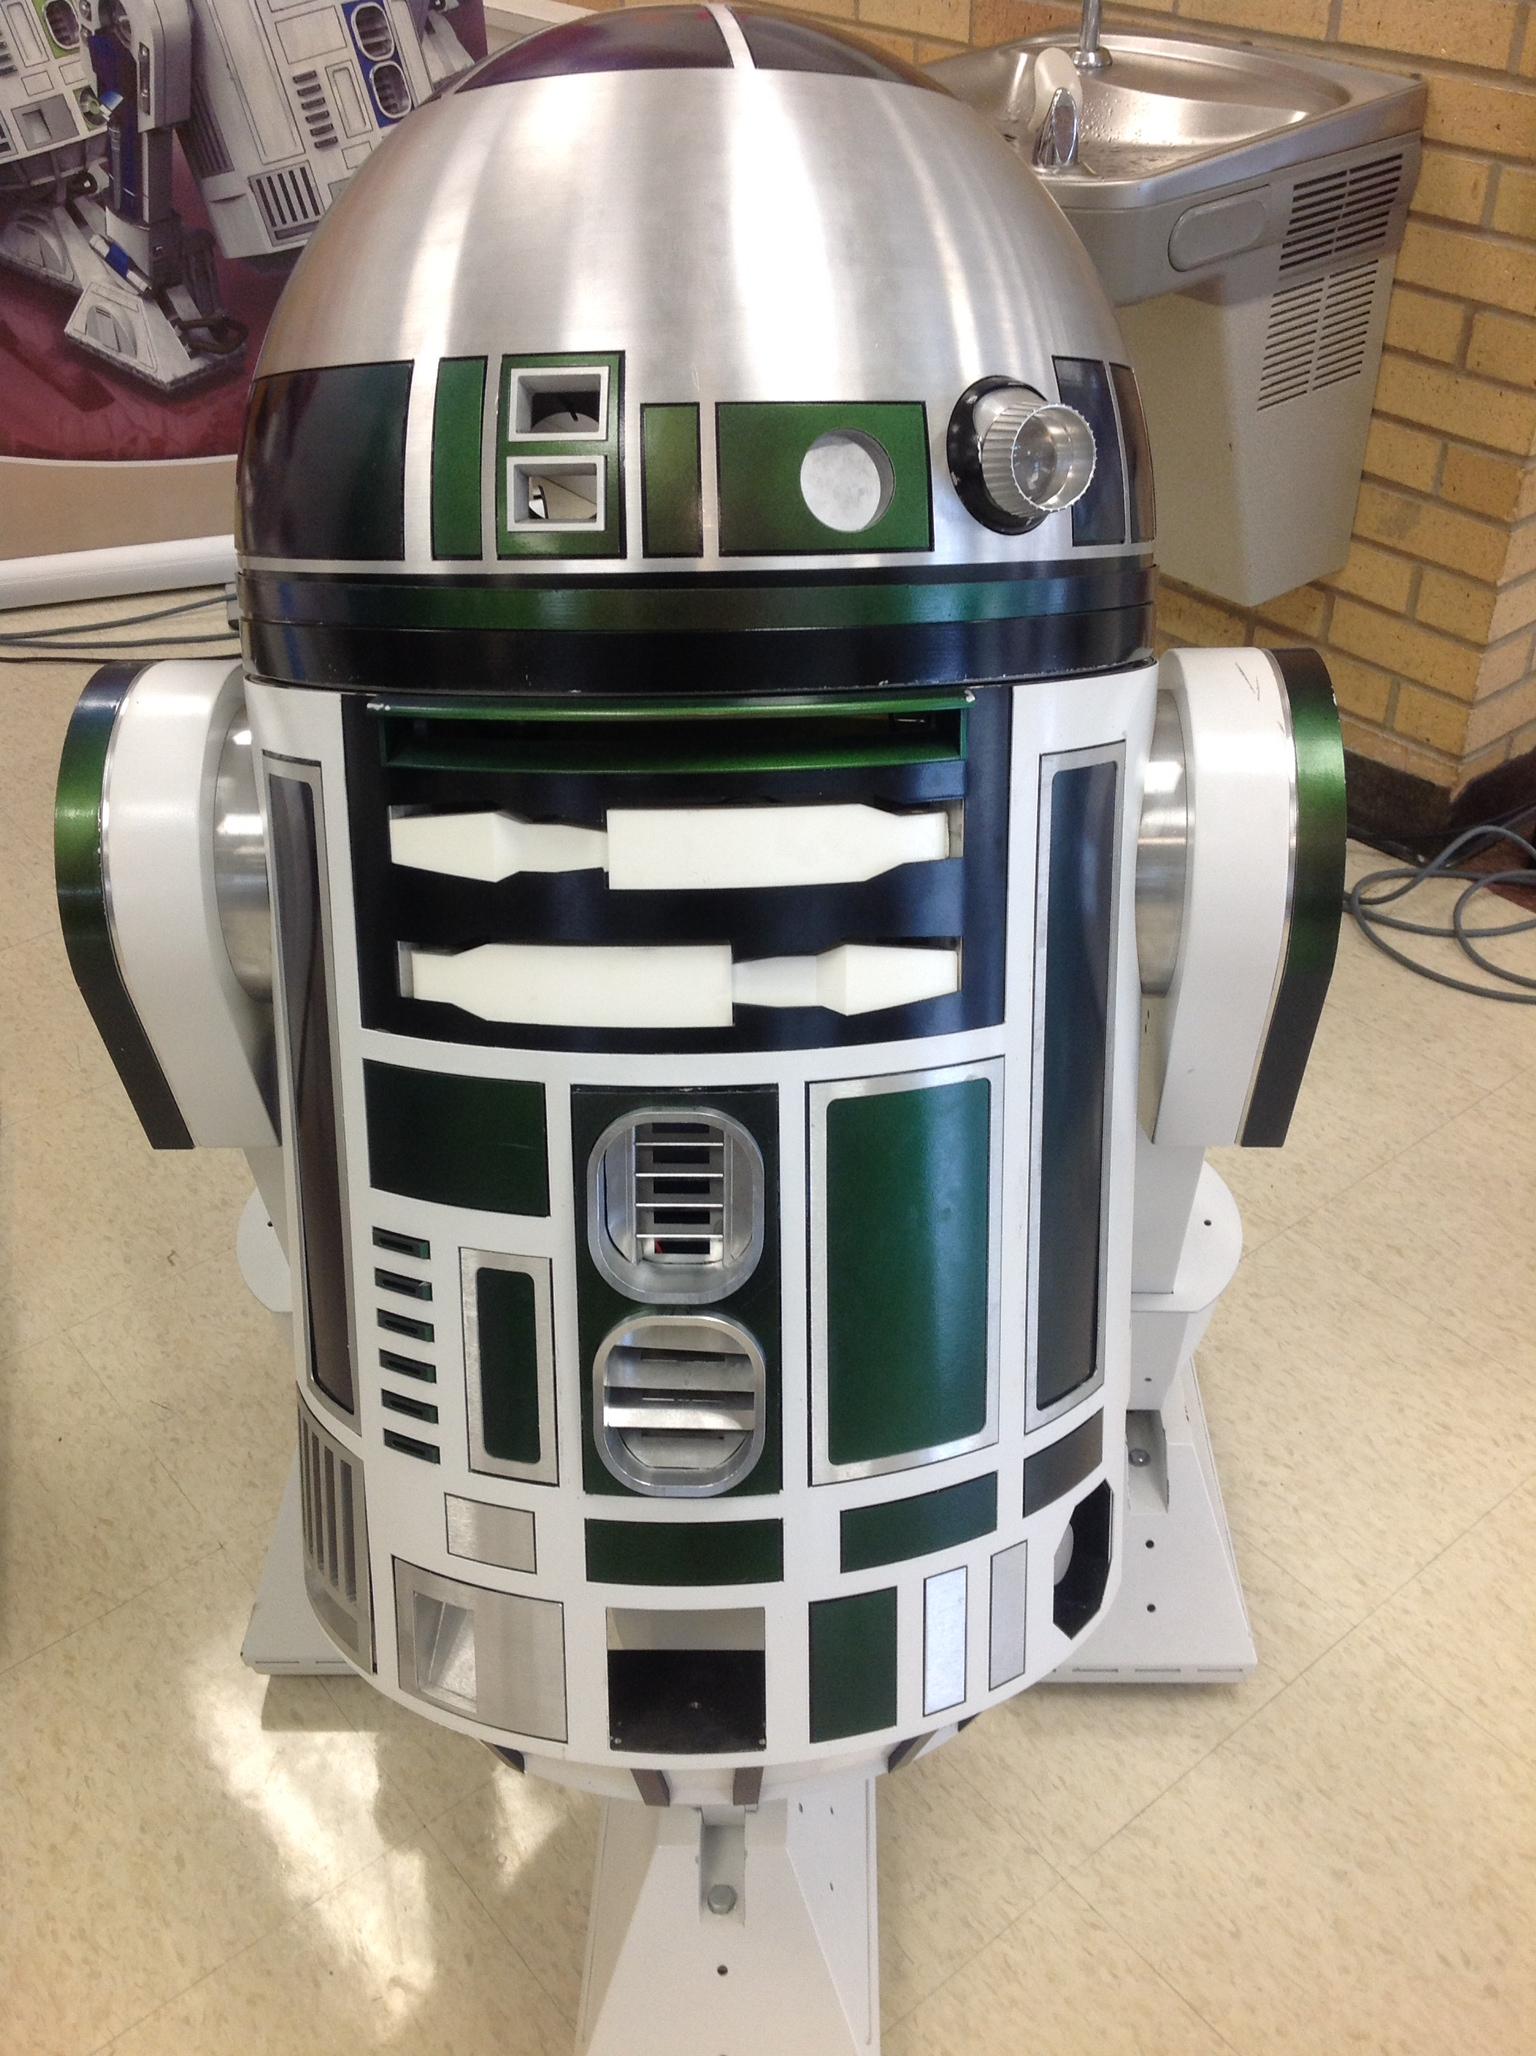 R2-A7